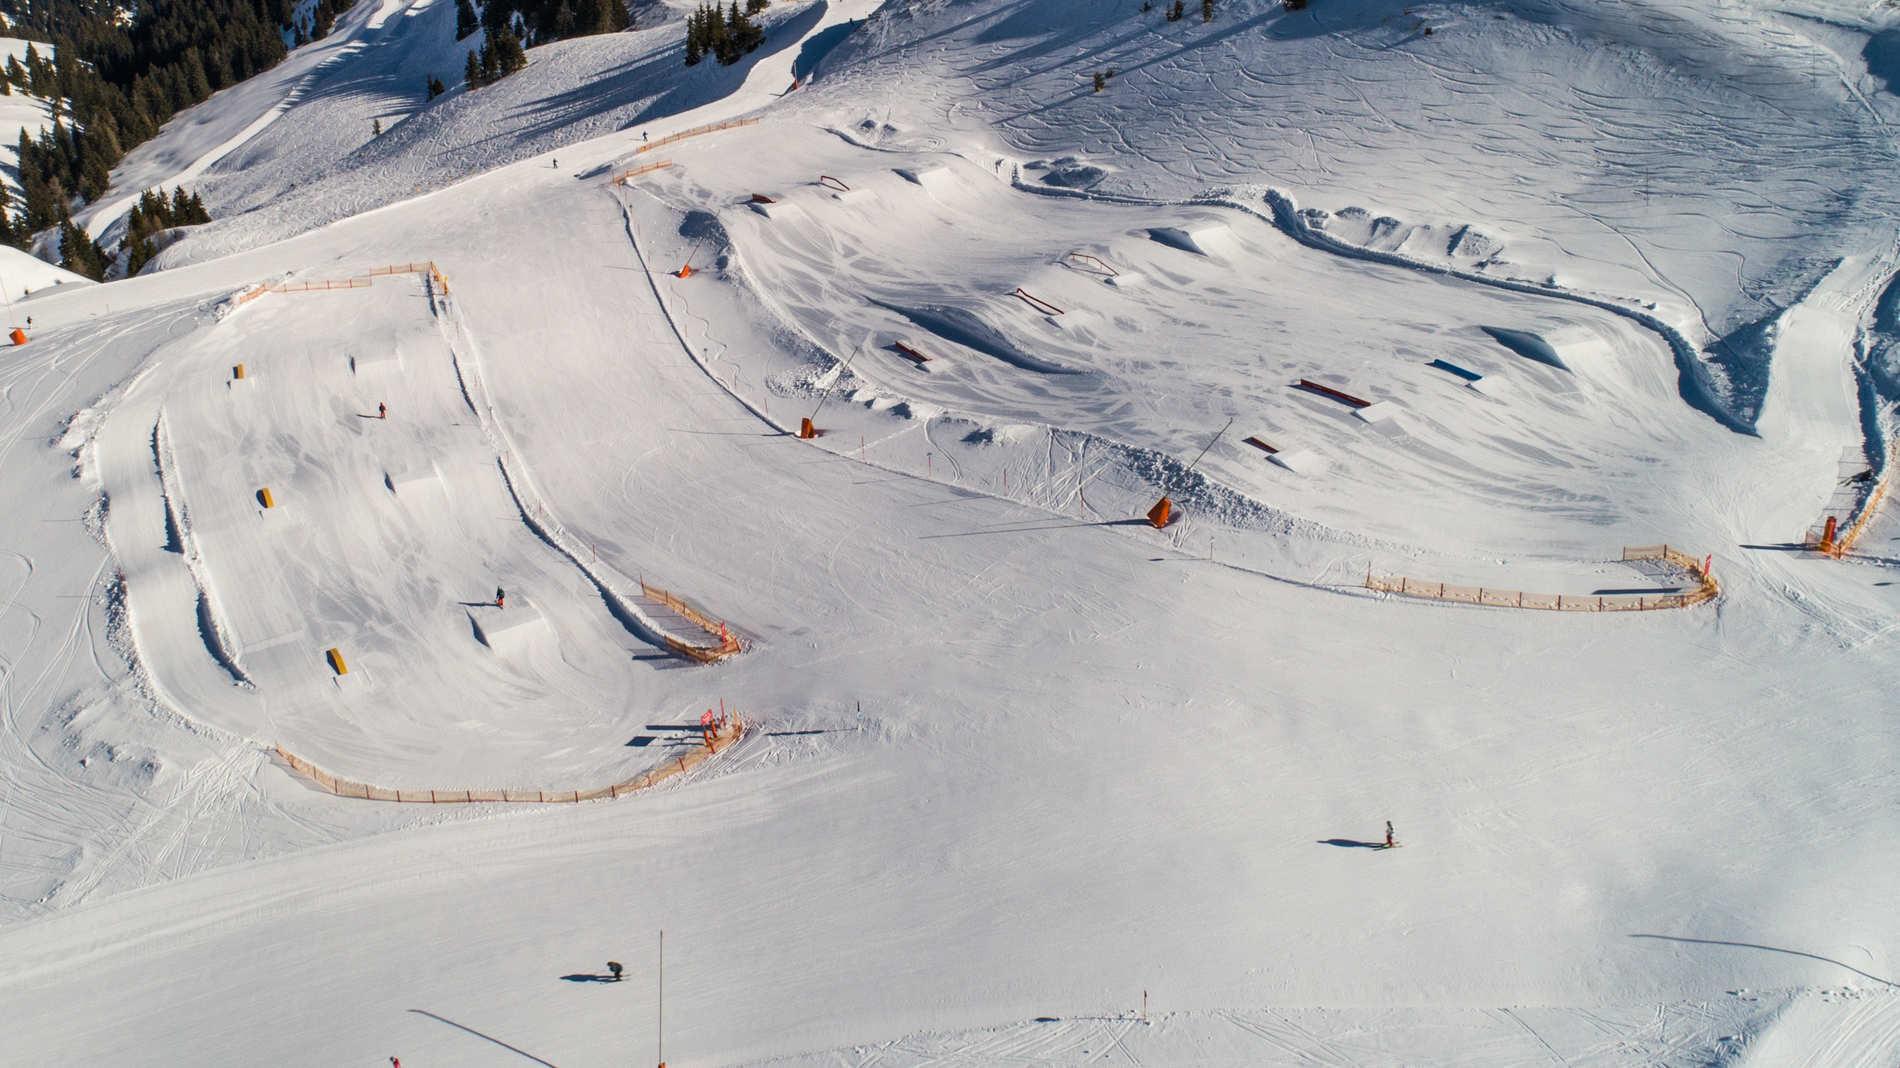 aerials snowpark kitzbuehel michi rudolf 4